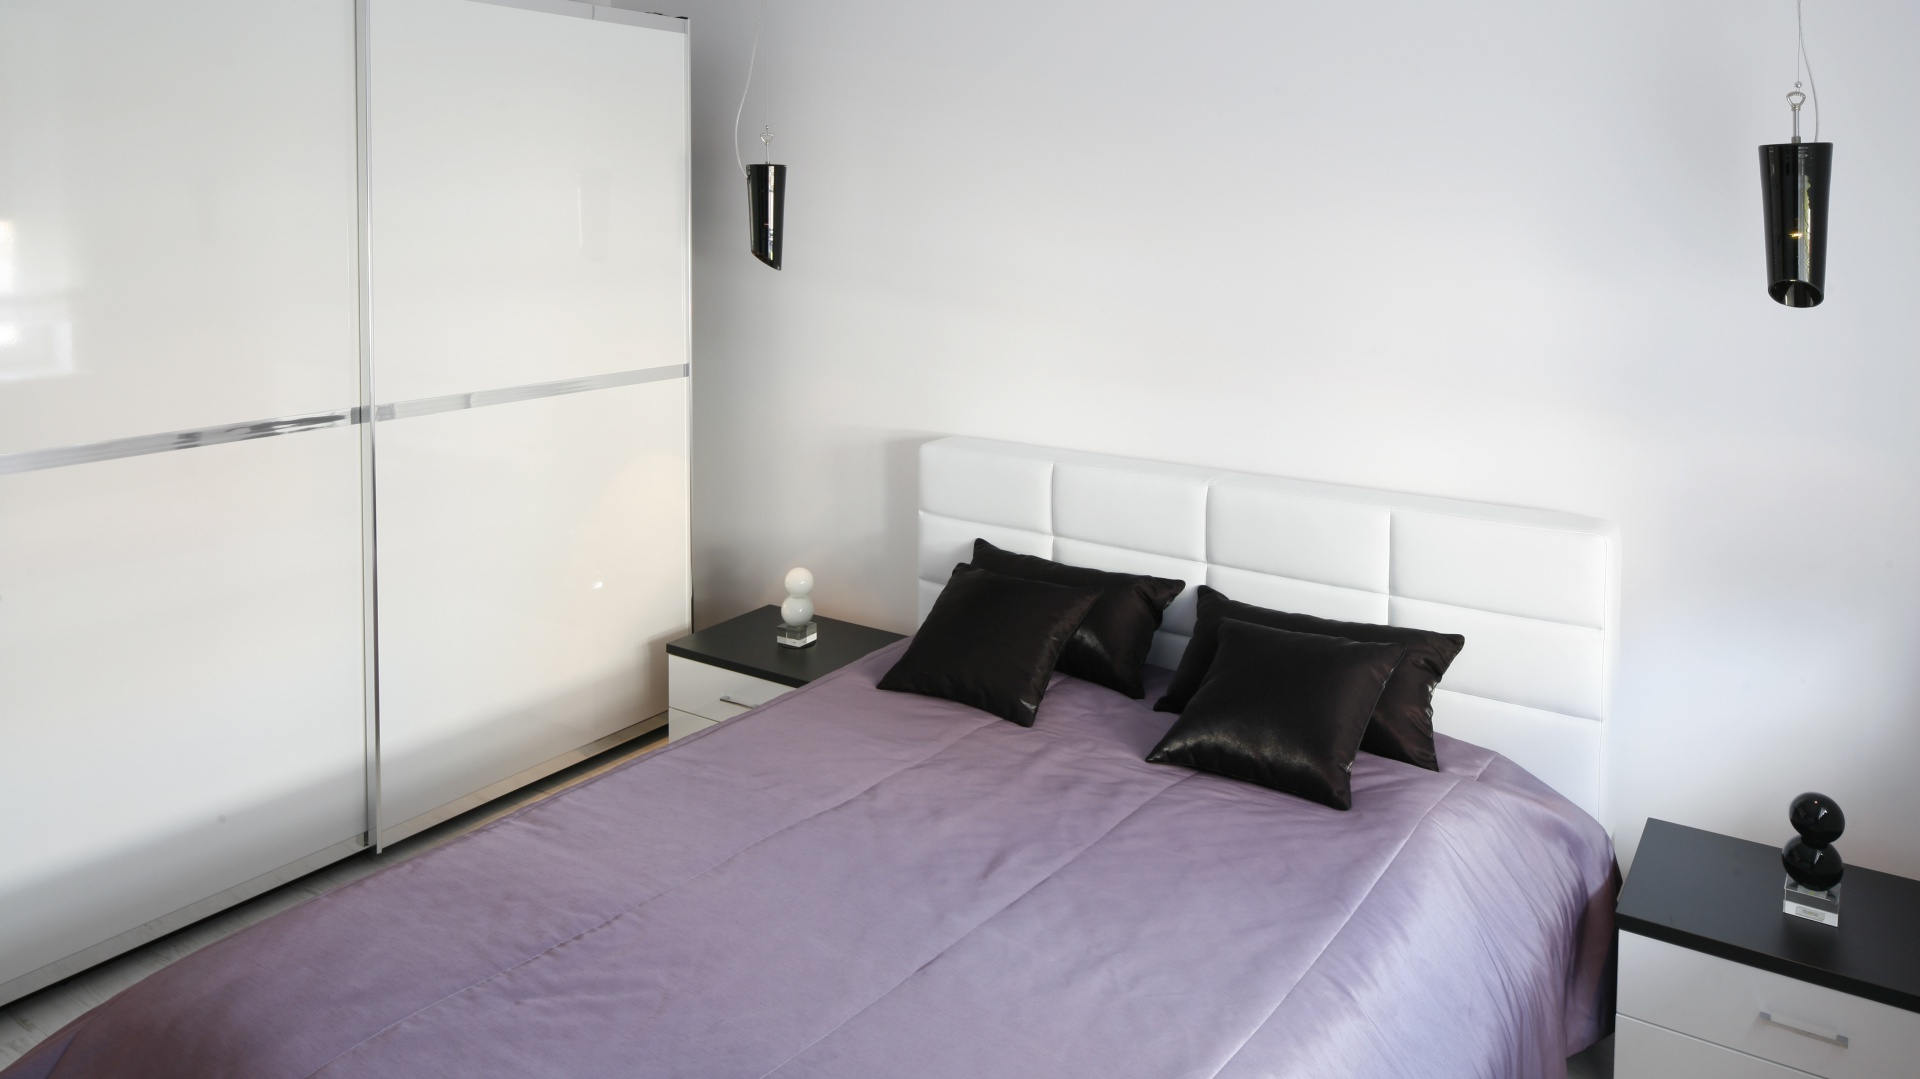 Wszechobecna biel zdominowała sypialnię. Nie znaczy to jednak, że nie znalazło się tu miejsce dla innych kolorów. Wręcz przeciwnie czerwień i subtelny odcień fioletu konsekwentnie przewijają się w każdym detalu. Projekt Joanna Ochota. Fot. Bartosz Jarosz.